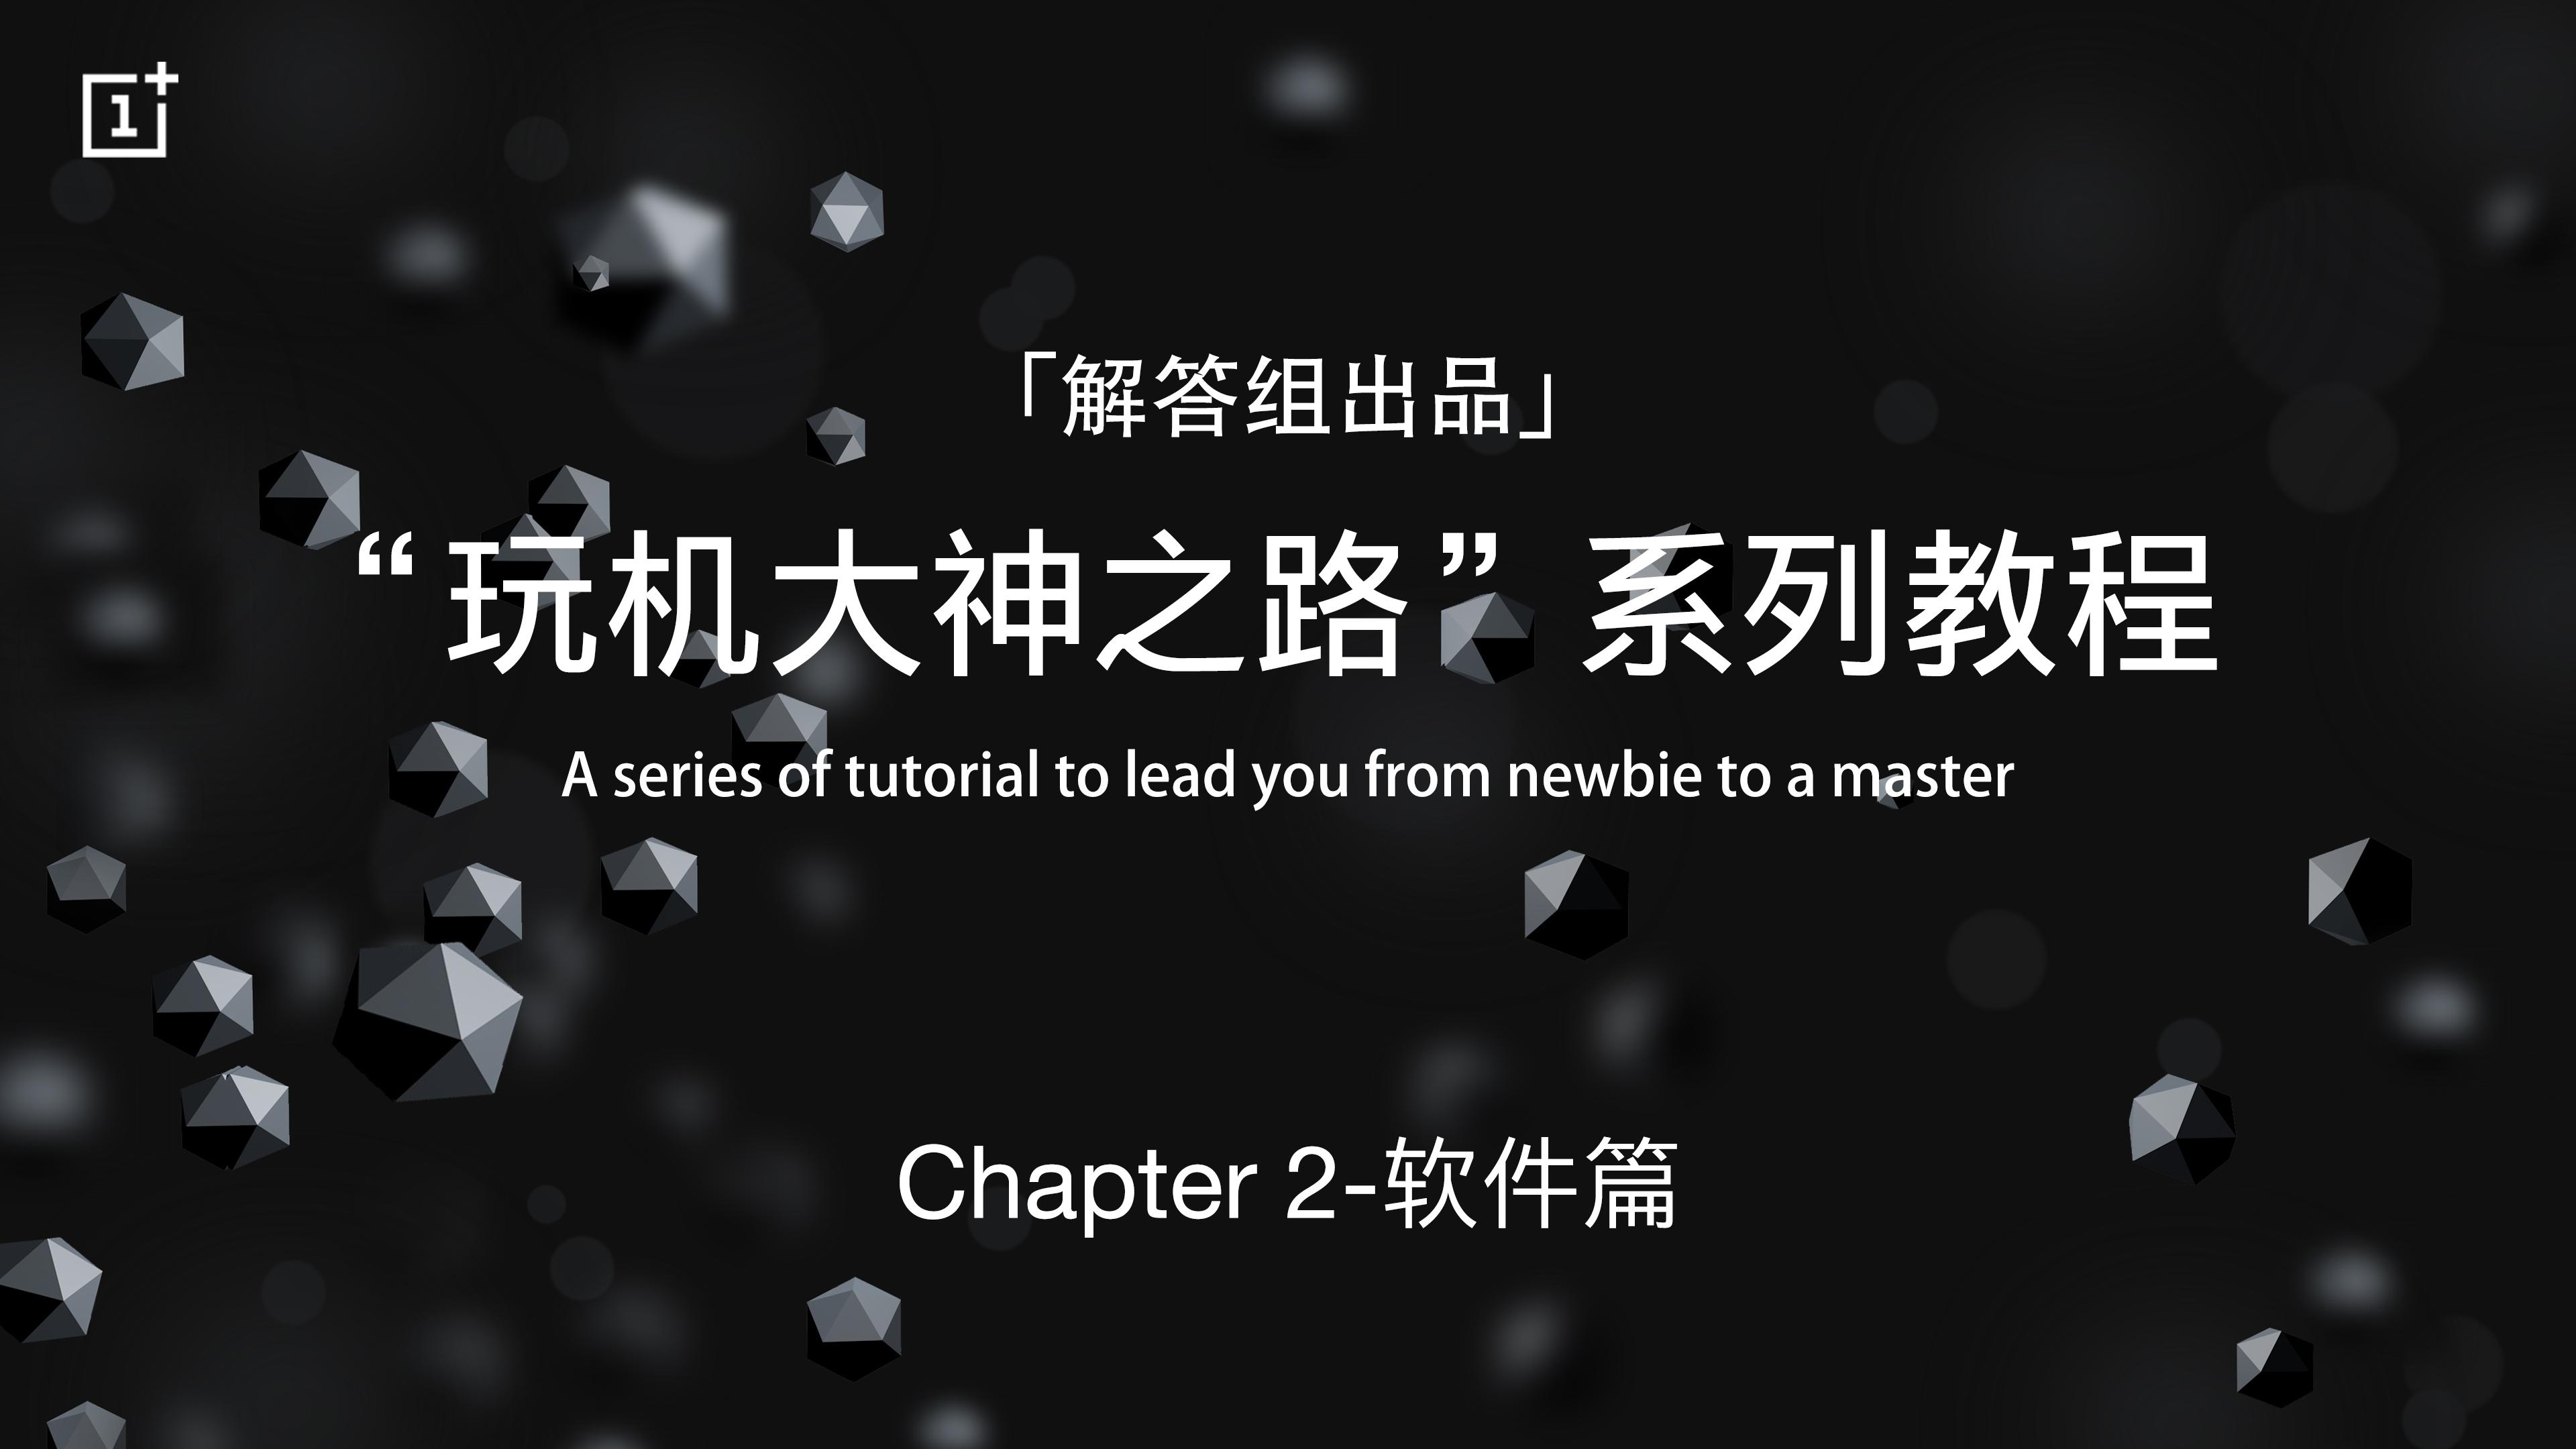 第二章.png